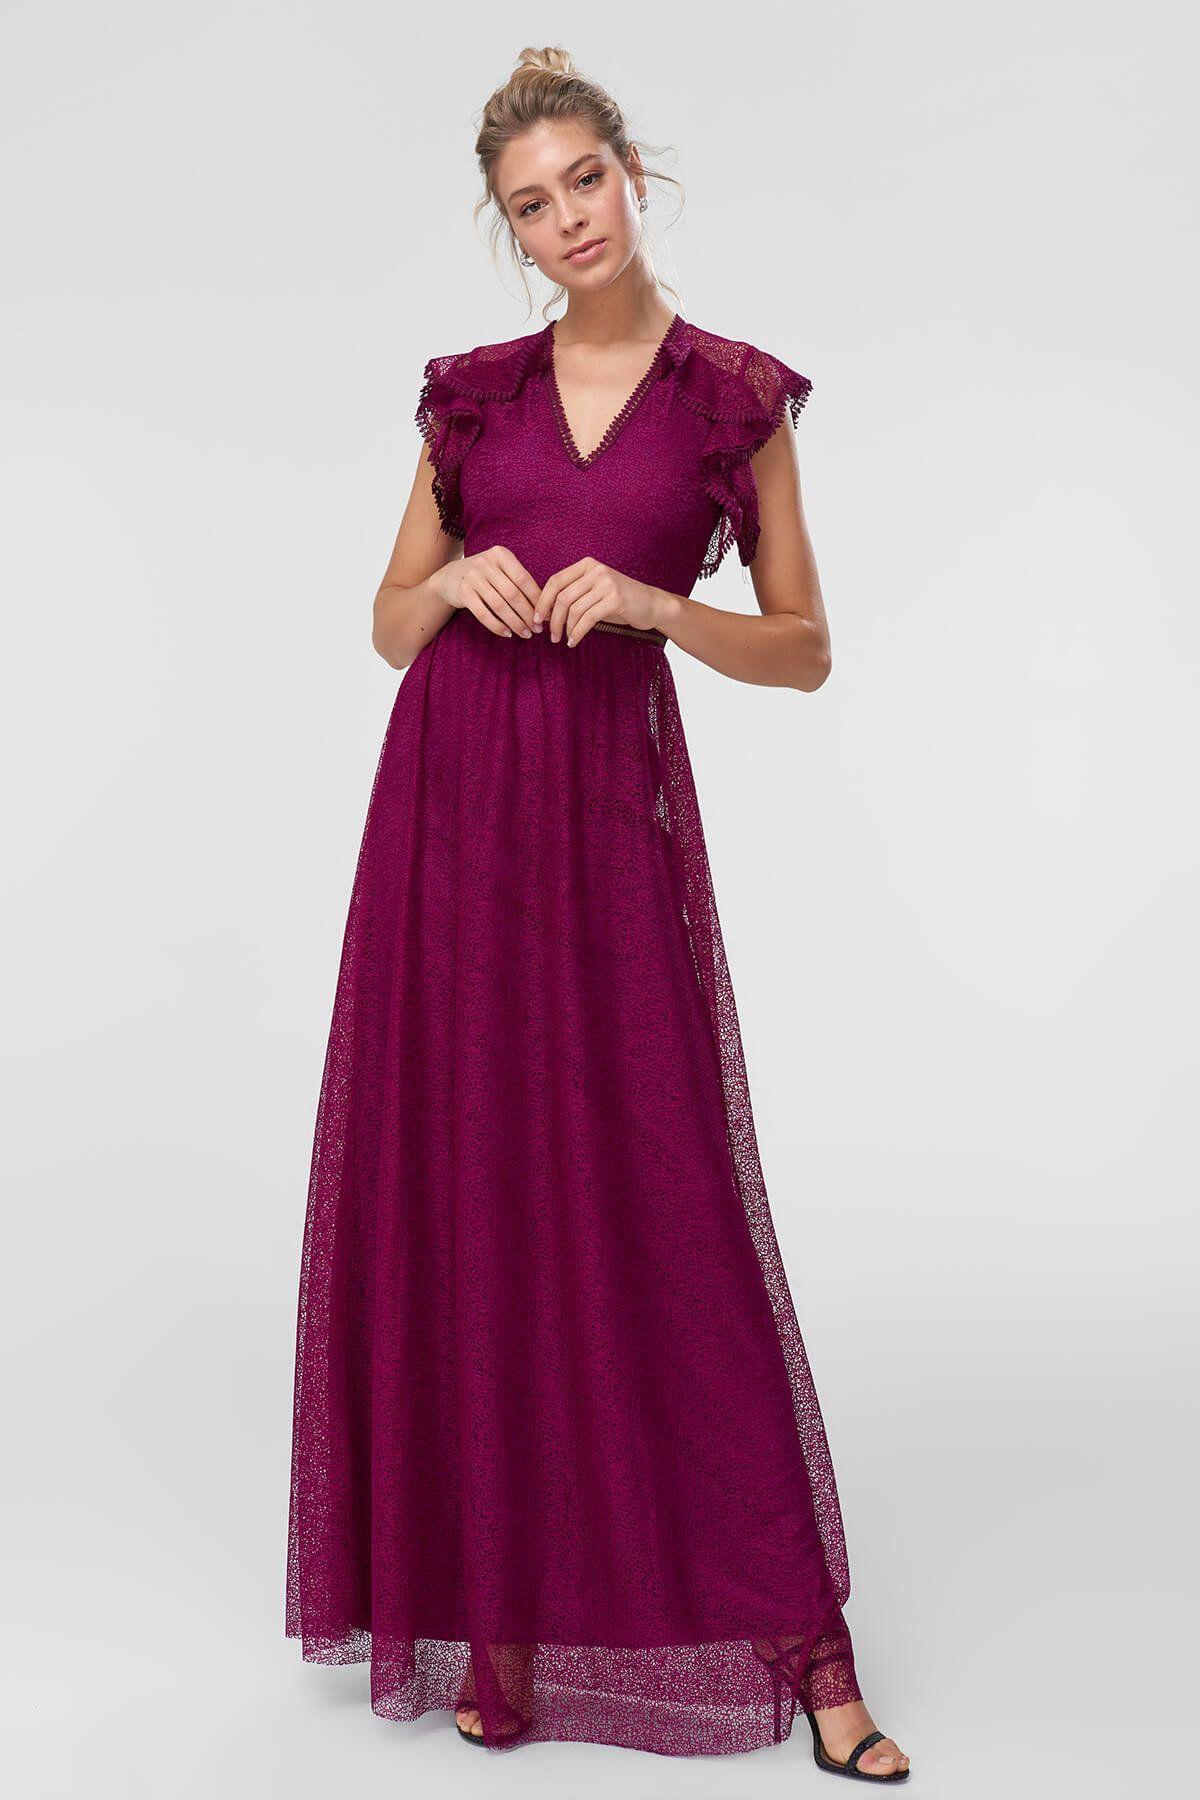 Trendyolmilla Tek Omuzlu Askili Zumrut Yesili Volan Detayli Uzun Abiye Elbise Elbisebul Elbise The Dress Elbiseler